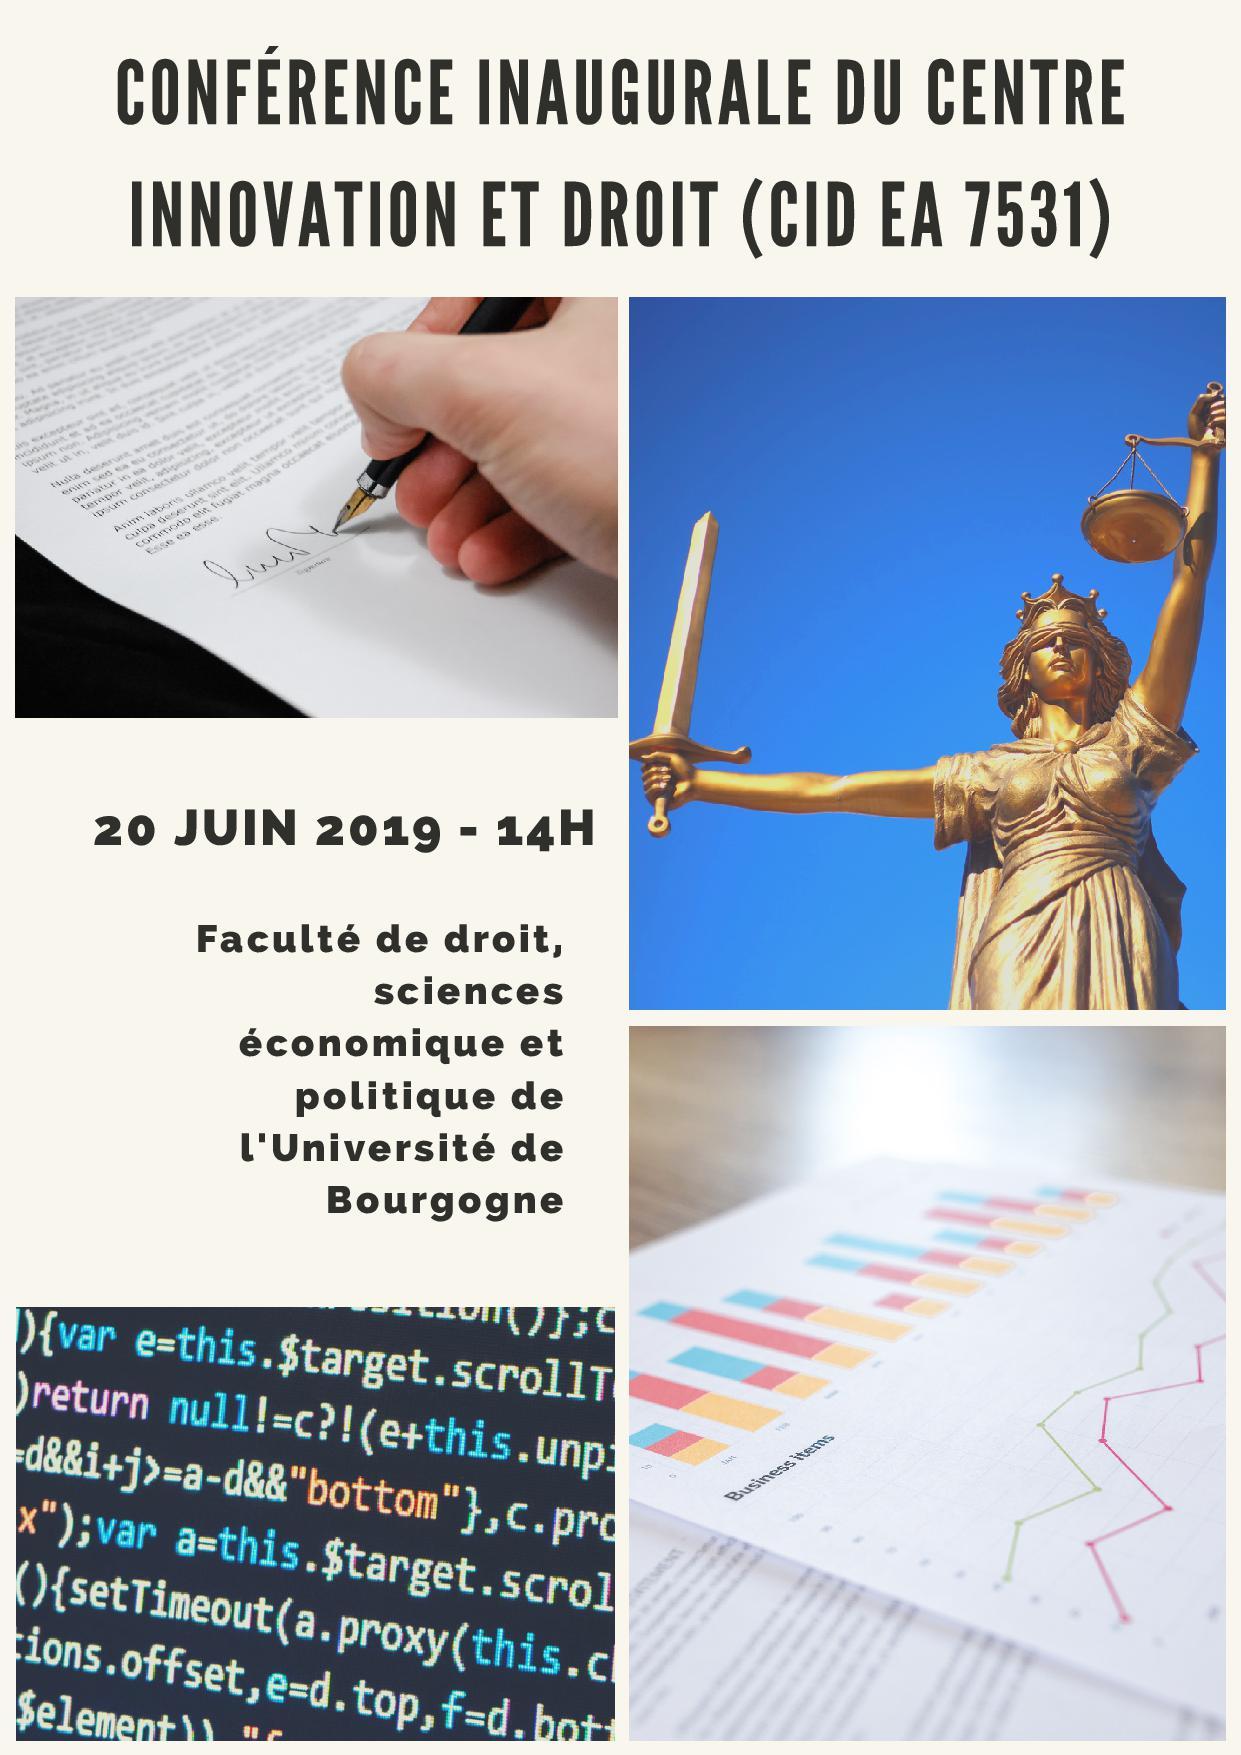 Conference inaugurale du centre innovation et droit1